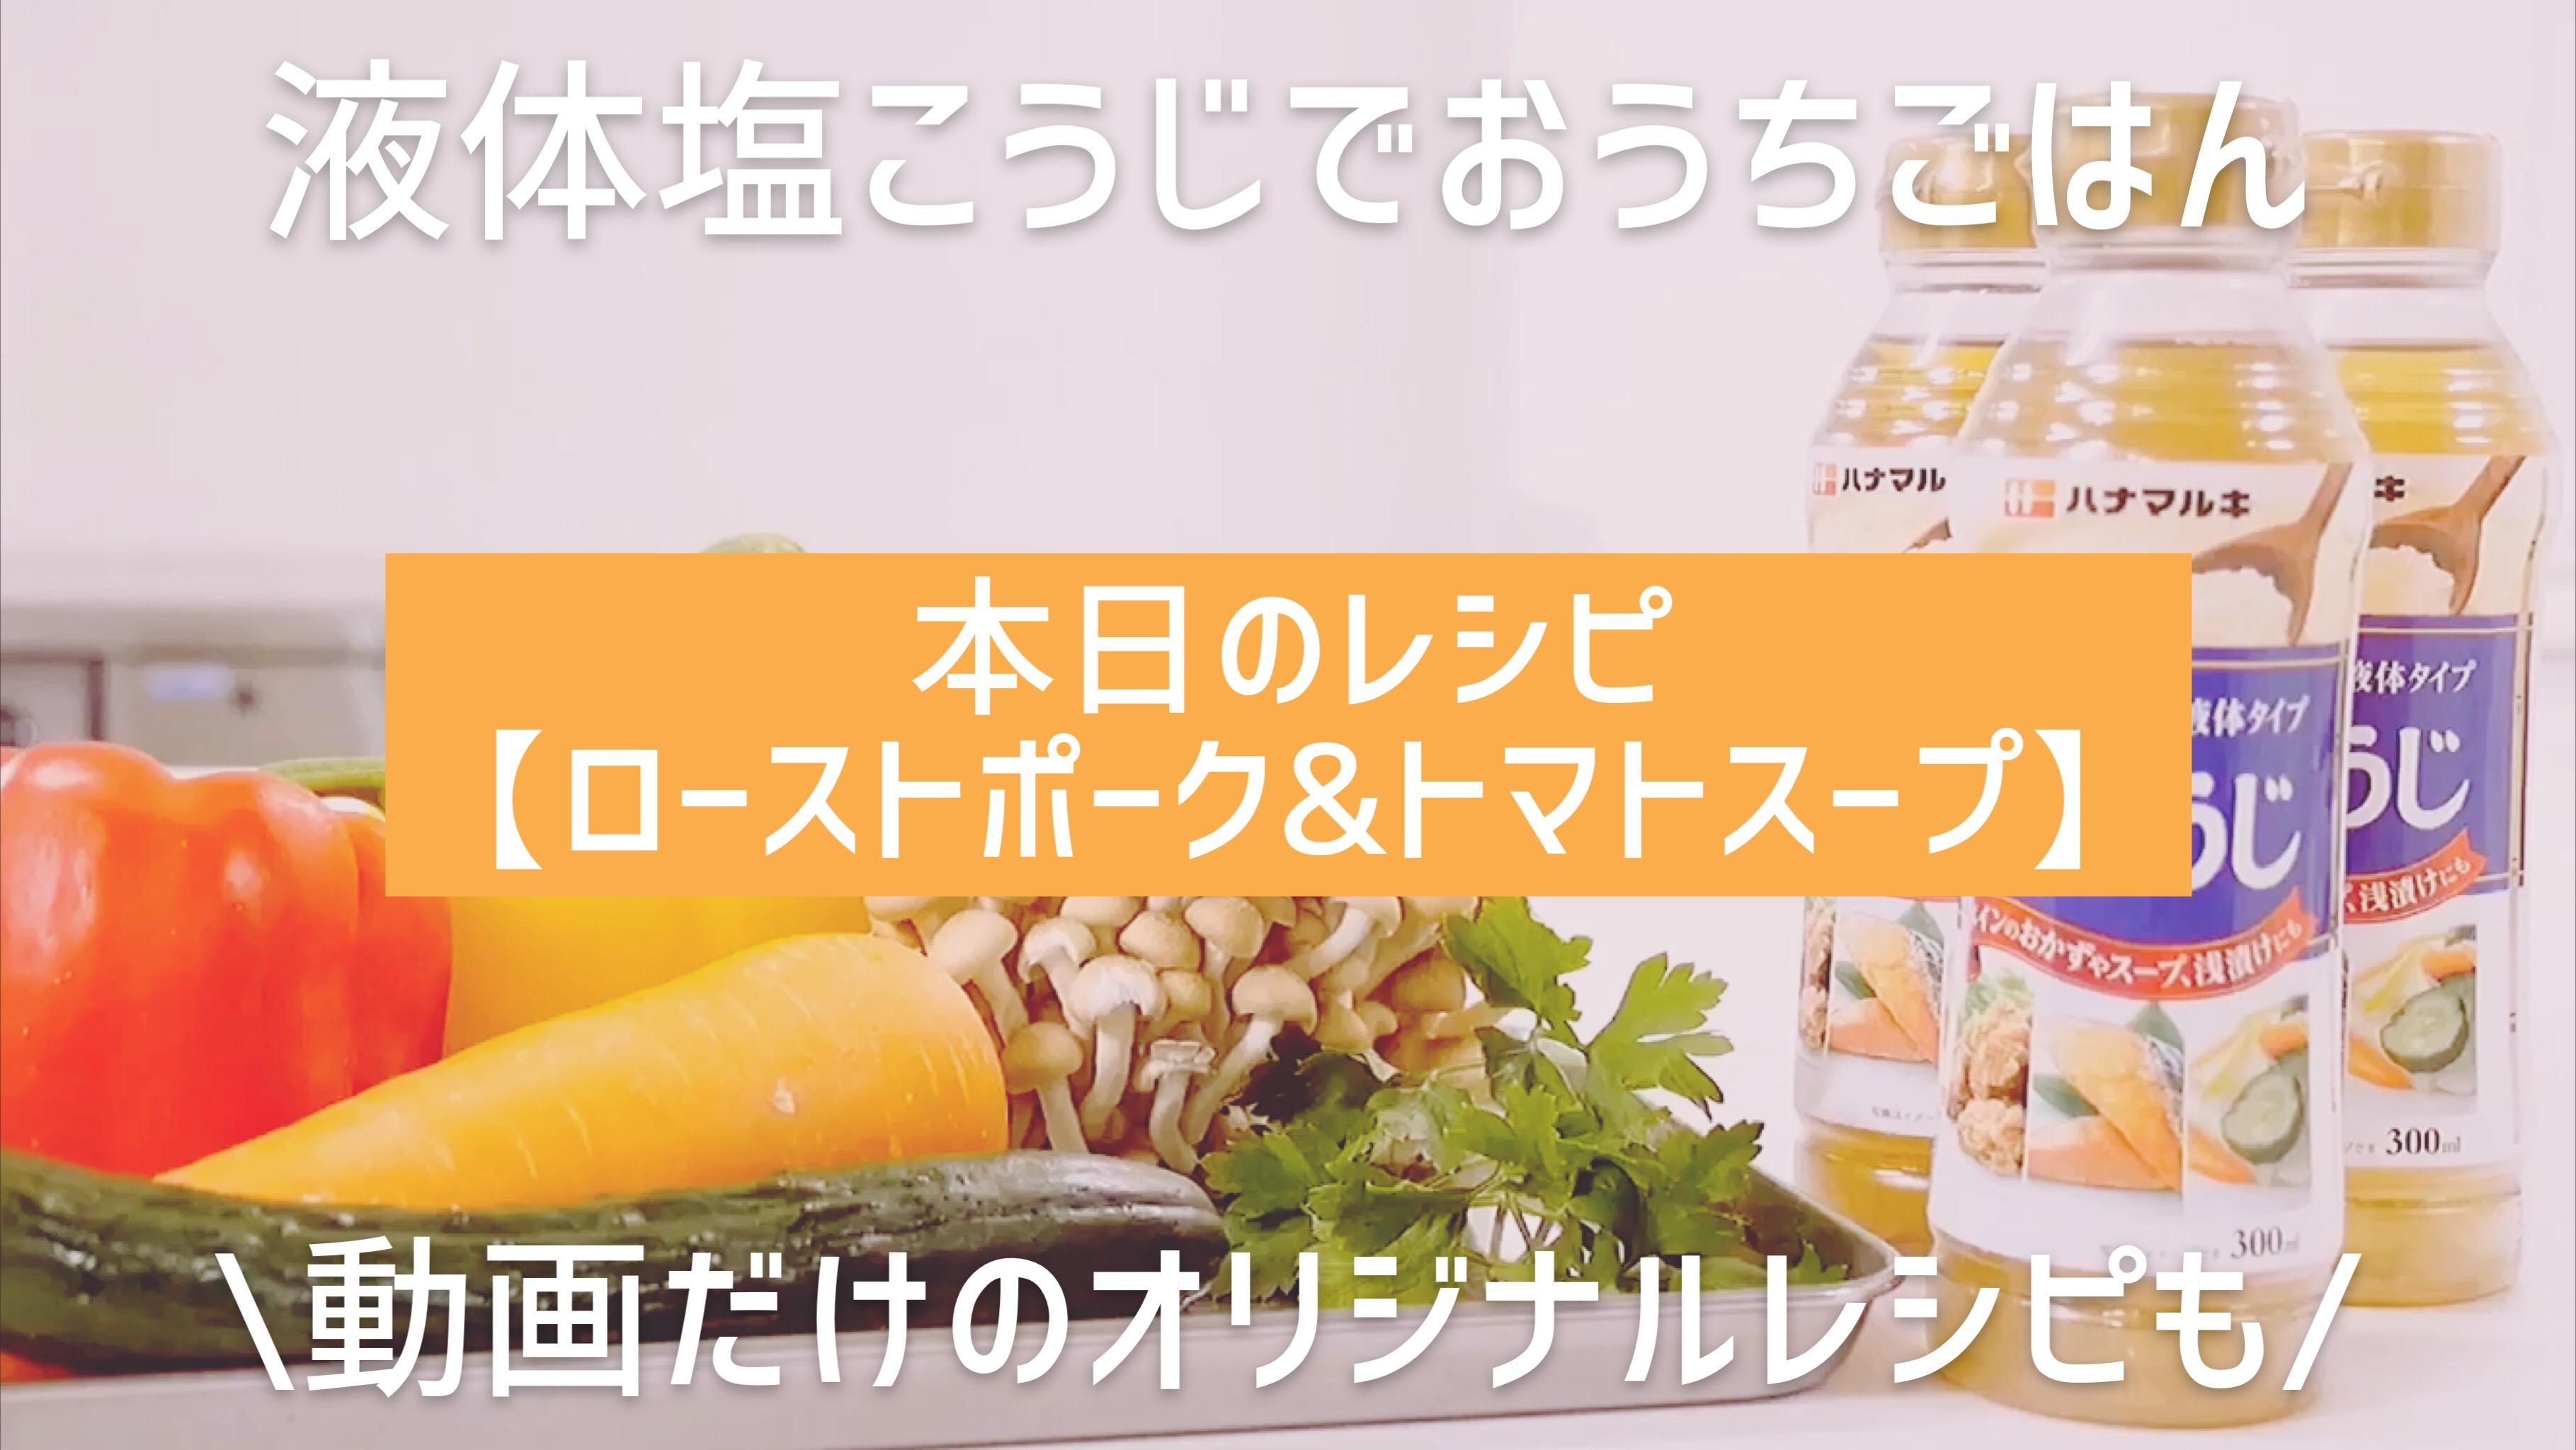 【ハナマルキ公式YouTubeアカウント】液体塩こうじでおうちごはん#13.付け合わせはシェフオリジナルの〇〇!ローストポーク&トマトスープ♪